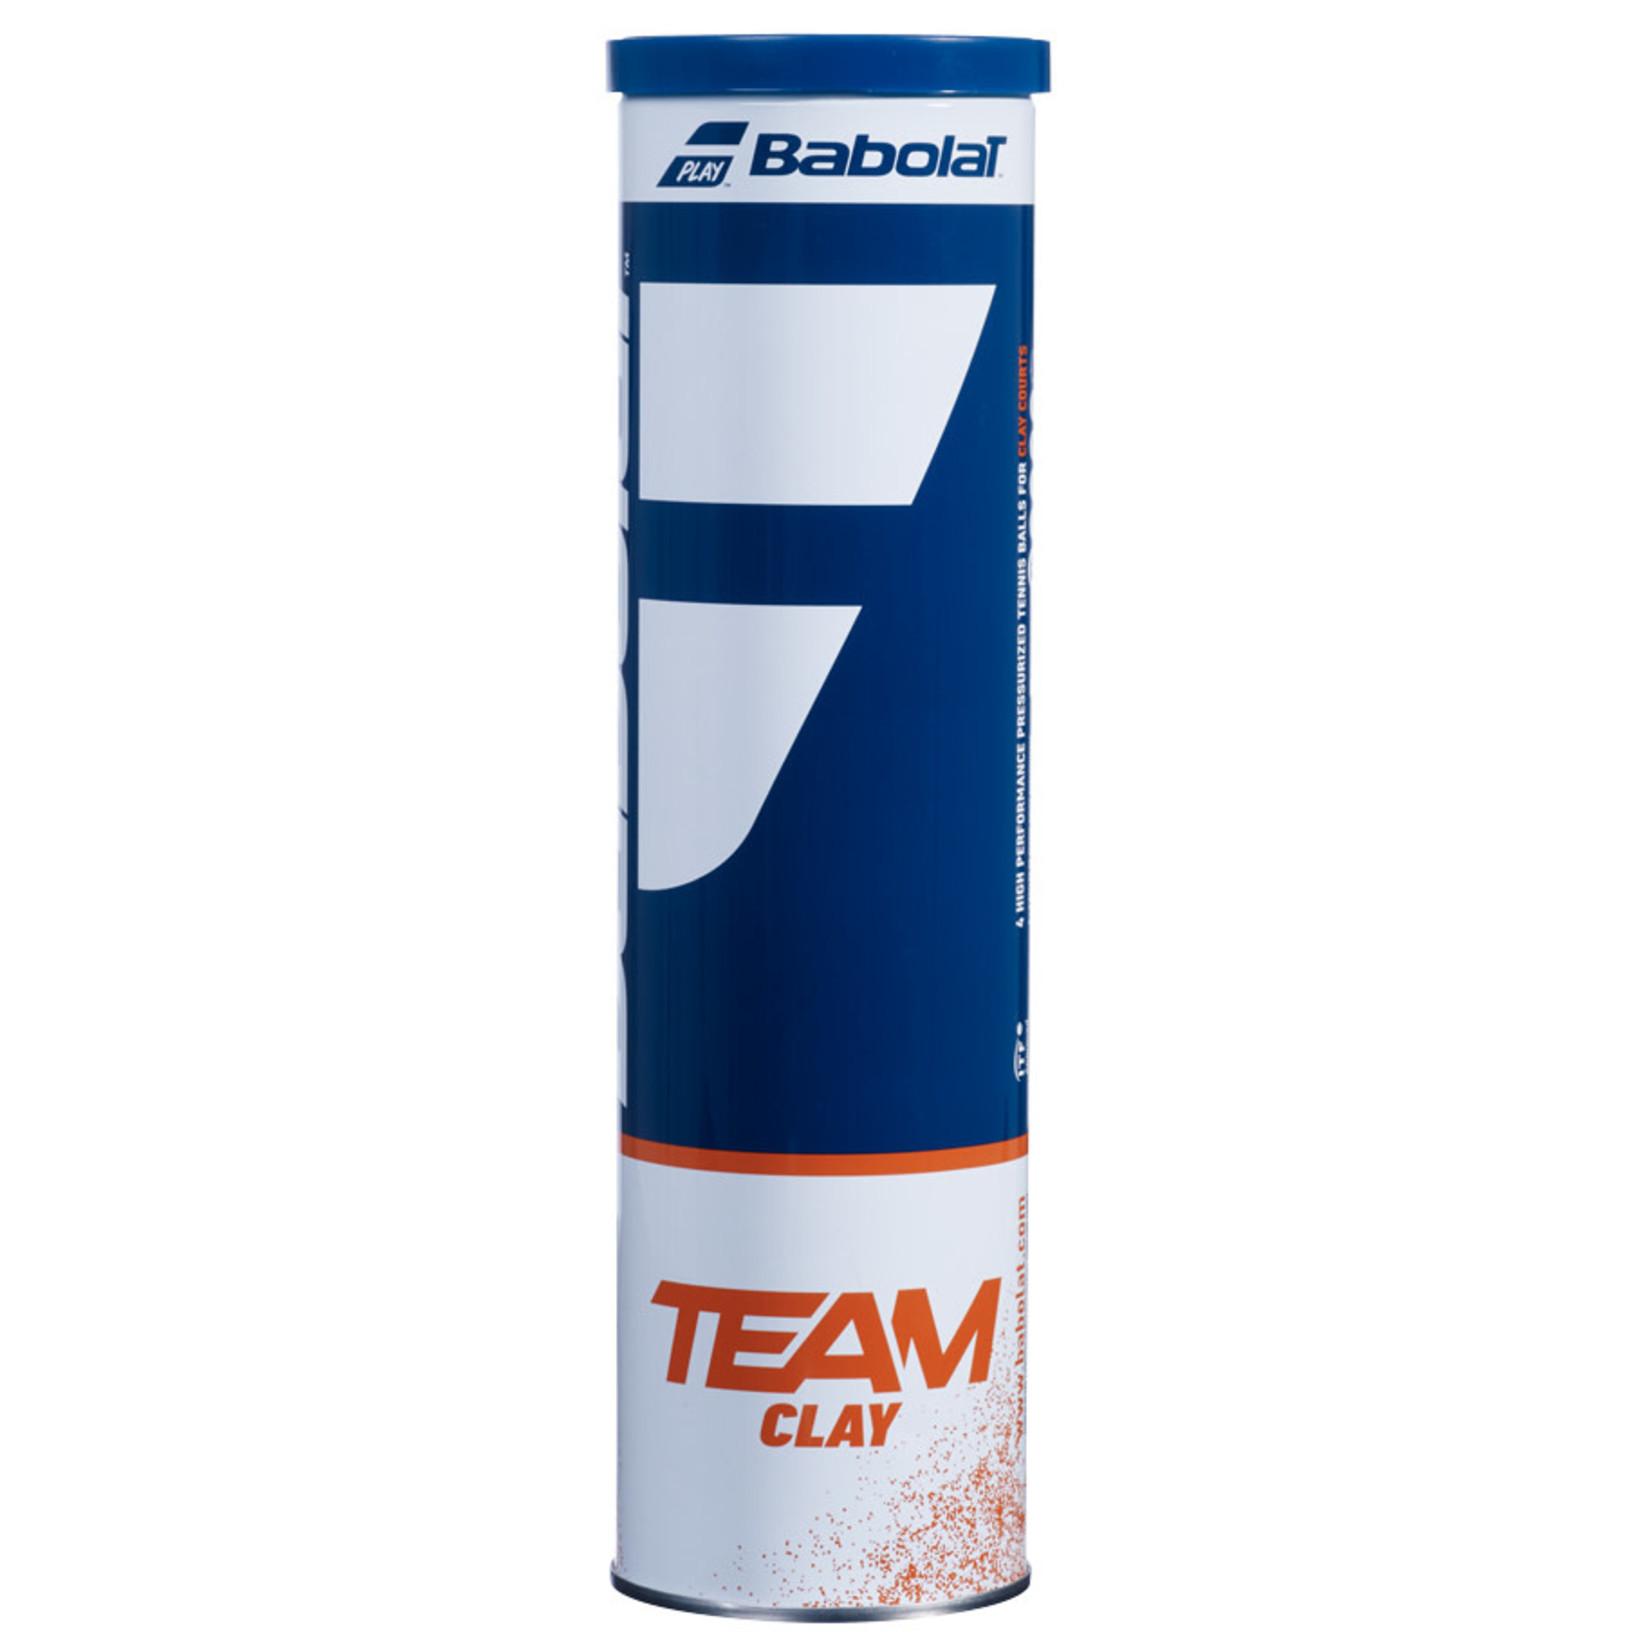 Babolat Team Clay x4 Tube